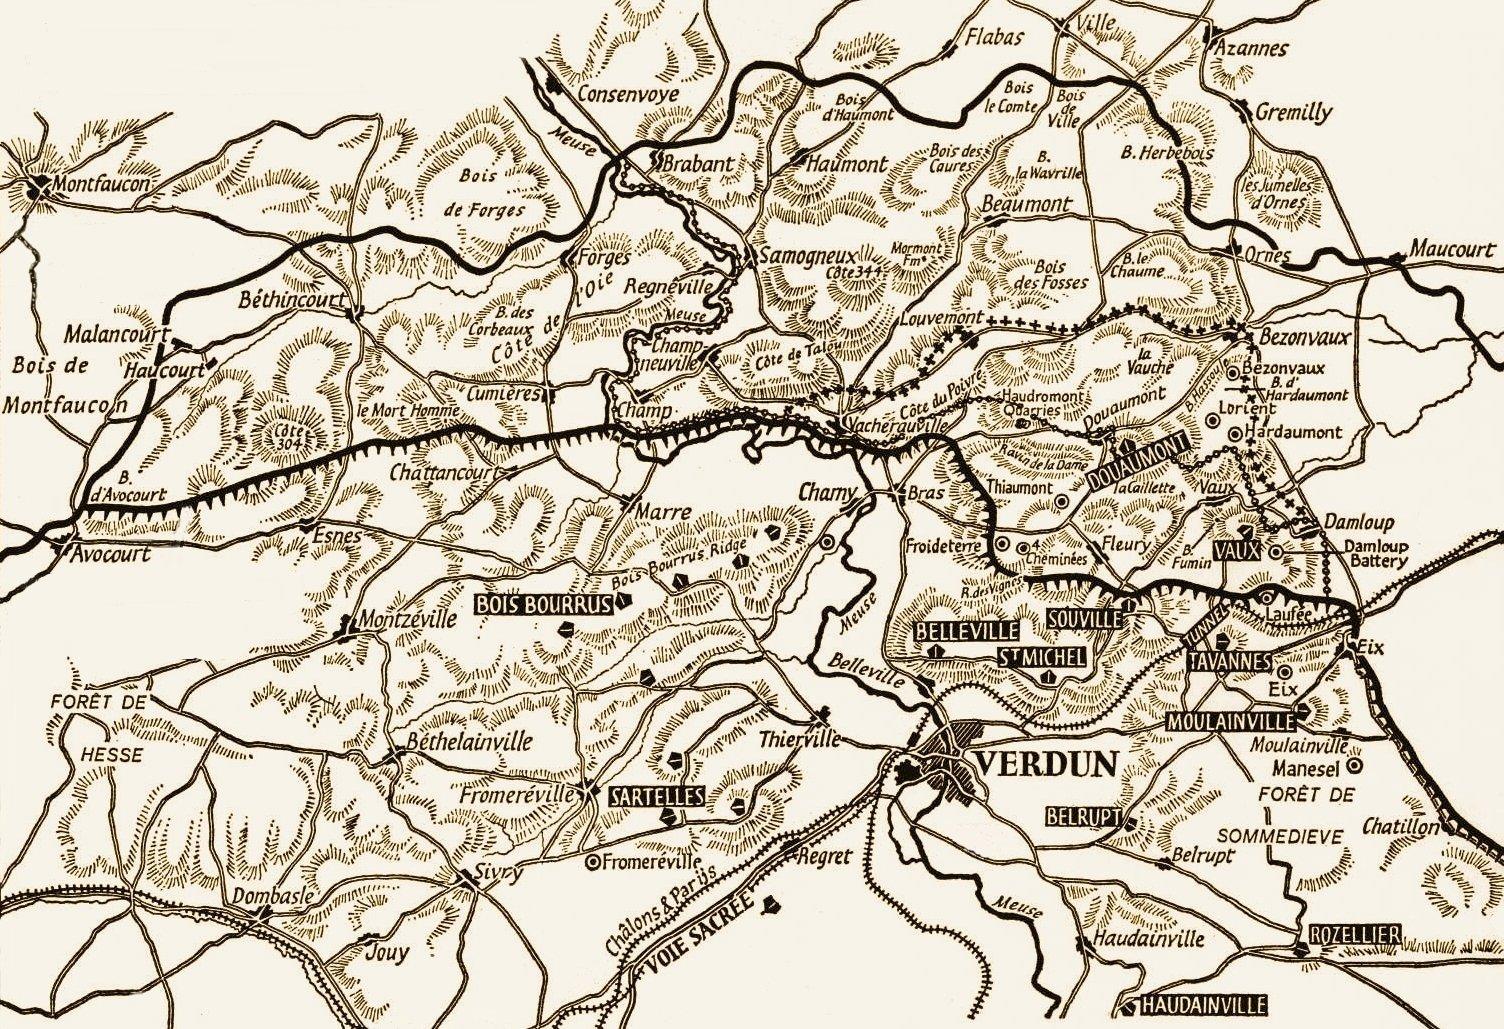 Map Of Verdun 1916